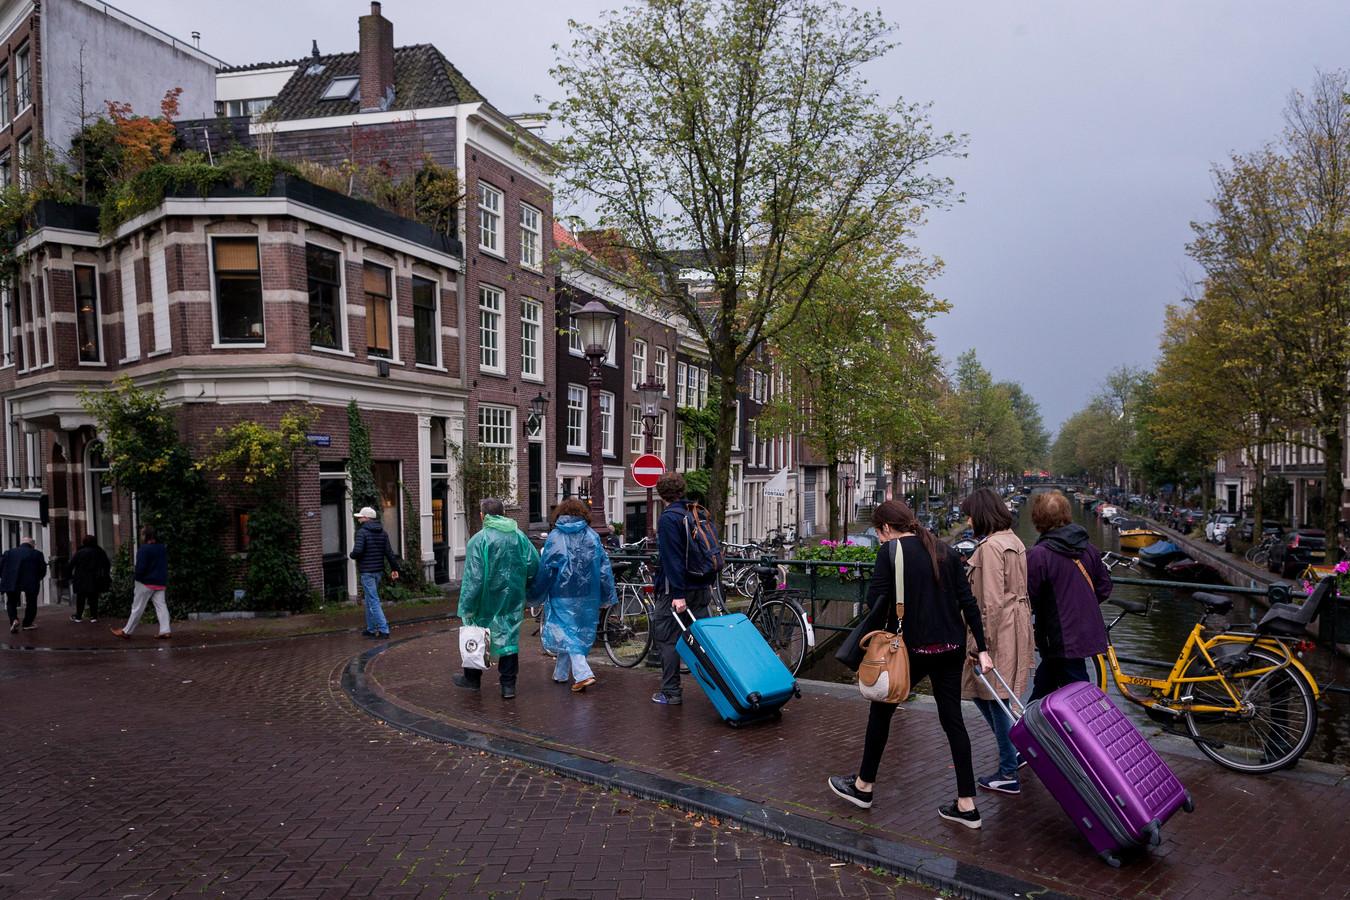 Shortstay-appartementen worden ook regelmatig illegaal aan toeristen verhuurd.